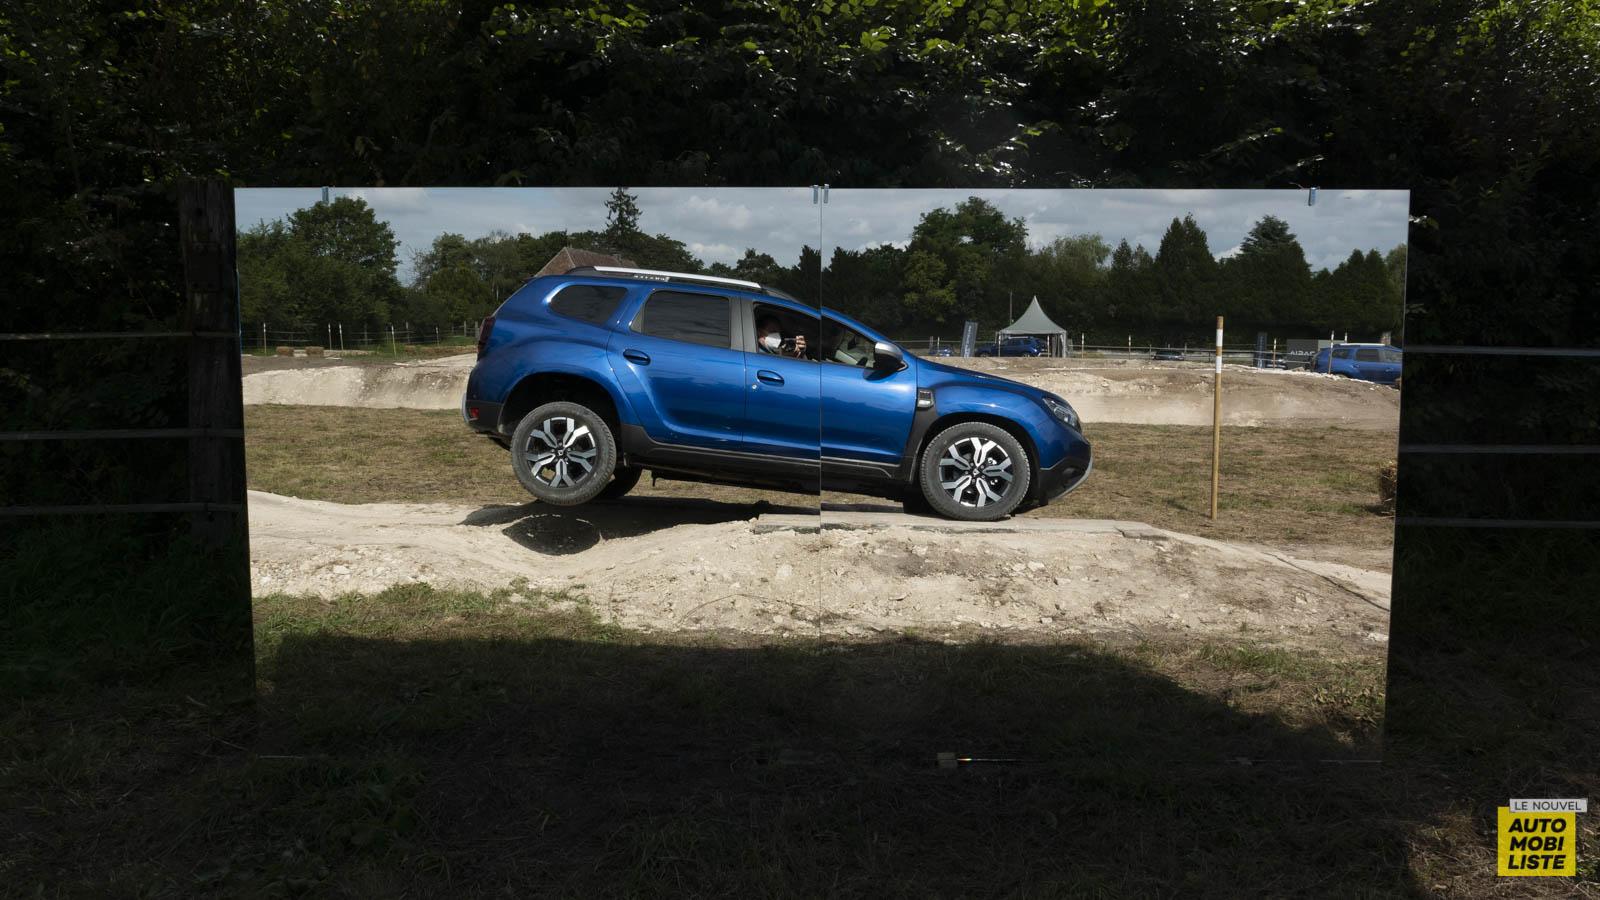 Essai Dacia Duster blue dCi 115 4x4 Exterieur 11 1